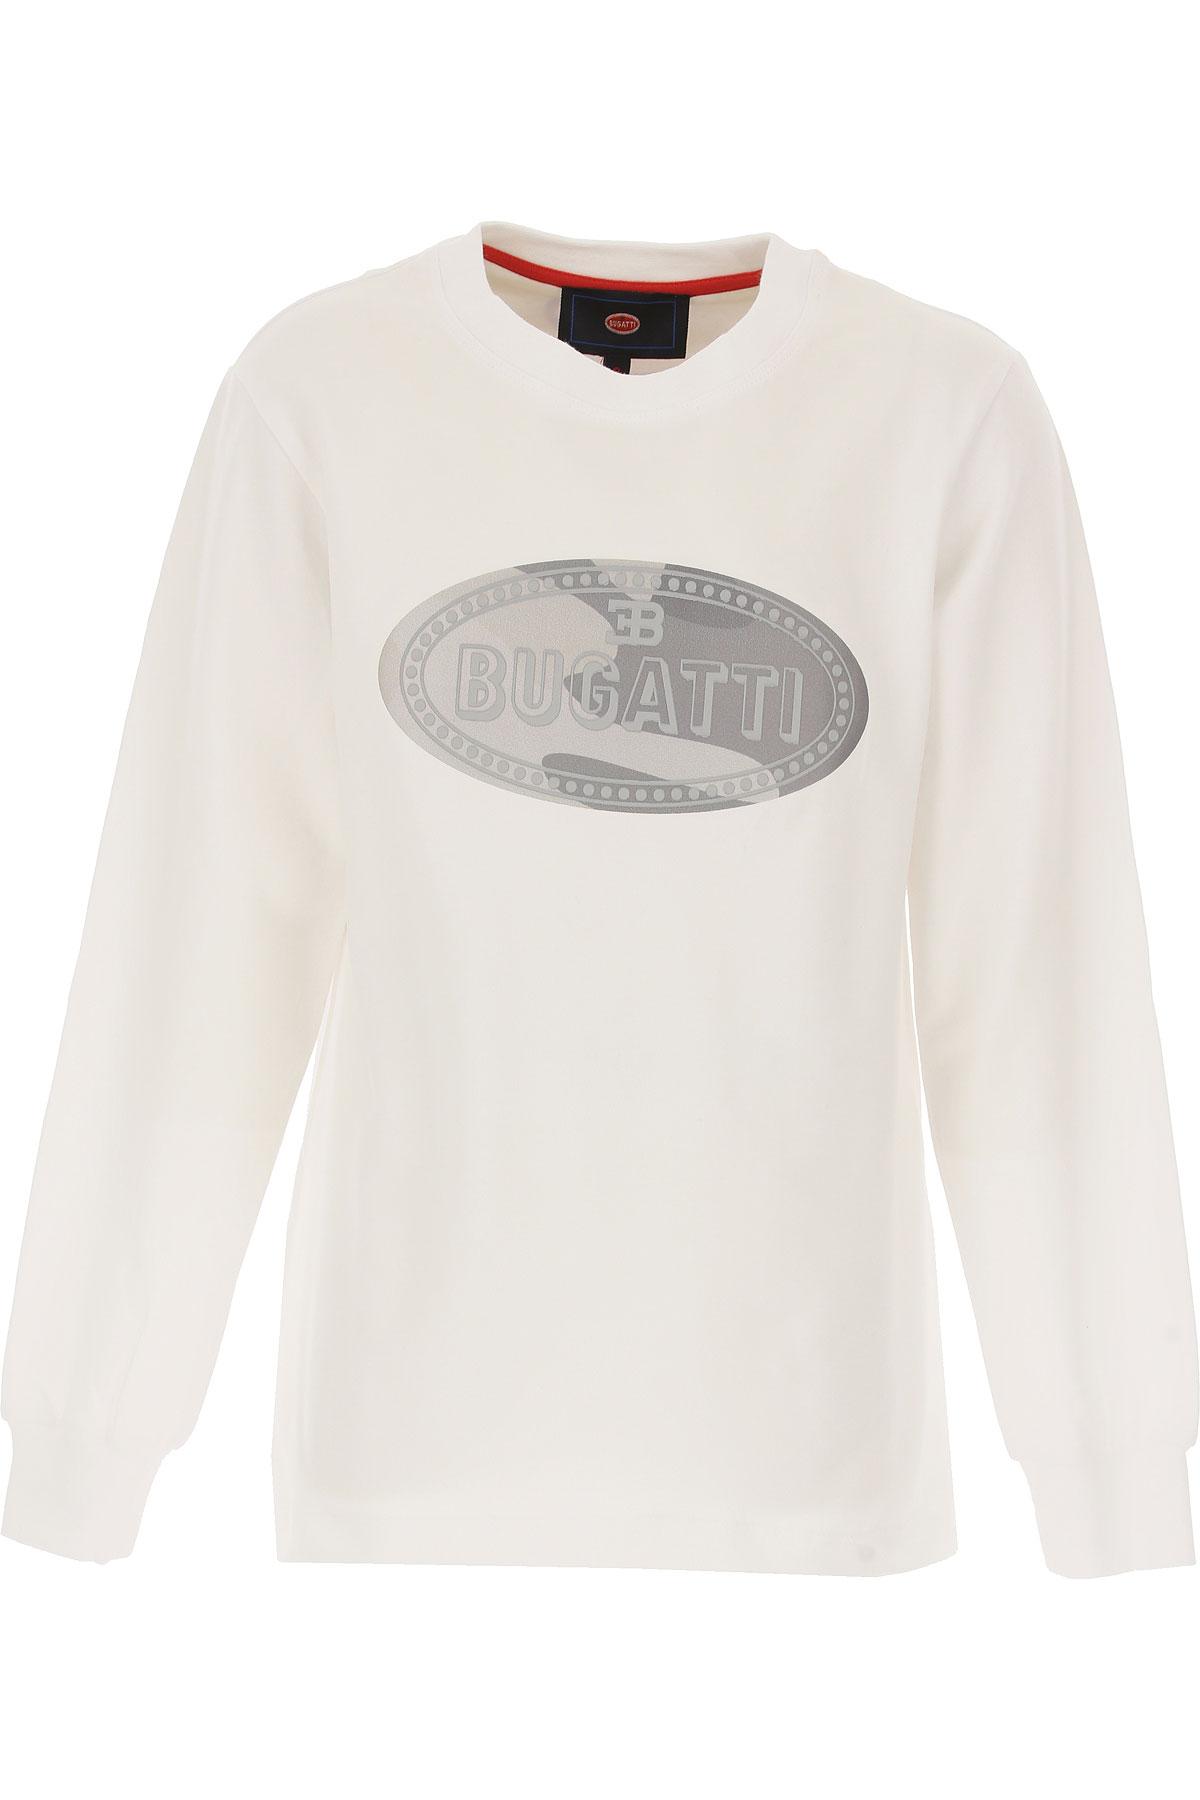 Bugatti Kids T-Shirt for Boys, White, Cotton, 2017, 10Y 14Y 16Y 8Y USA-487620